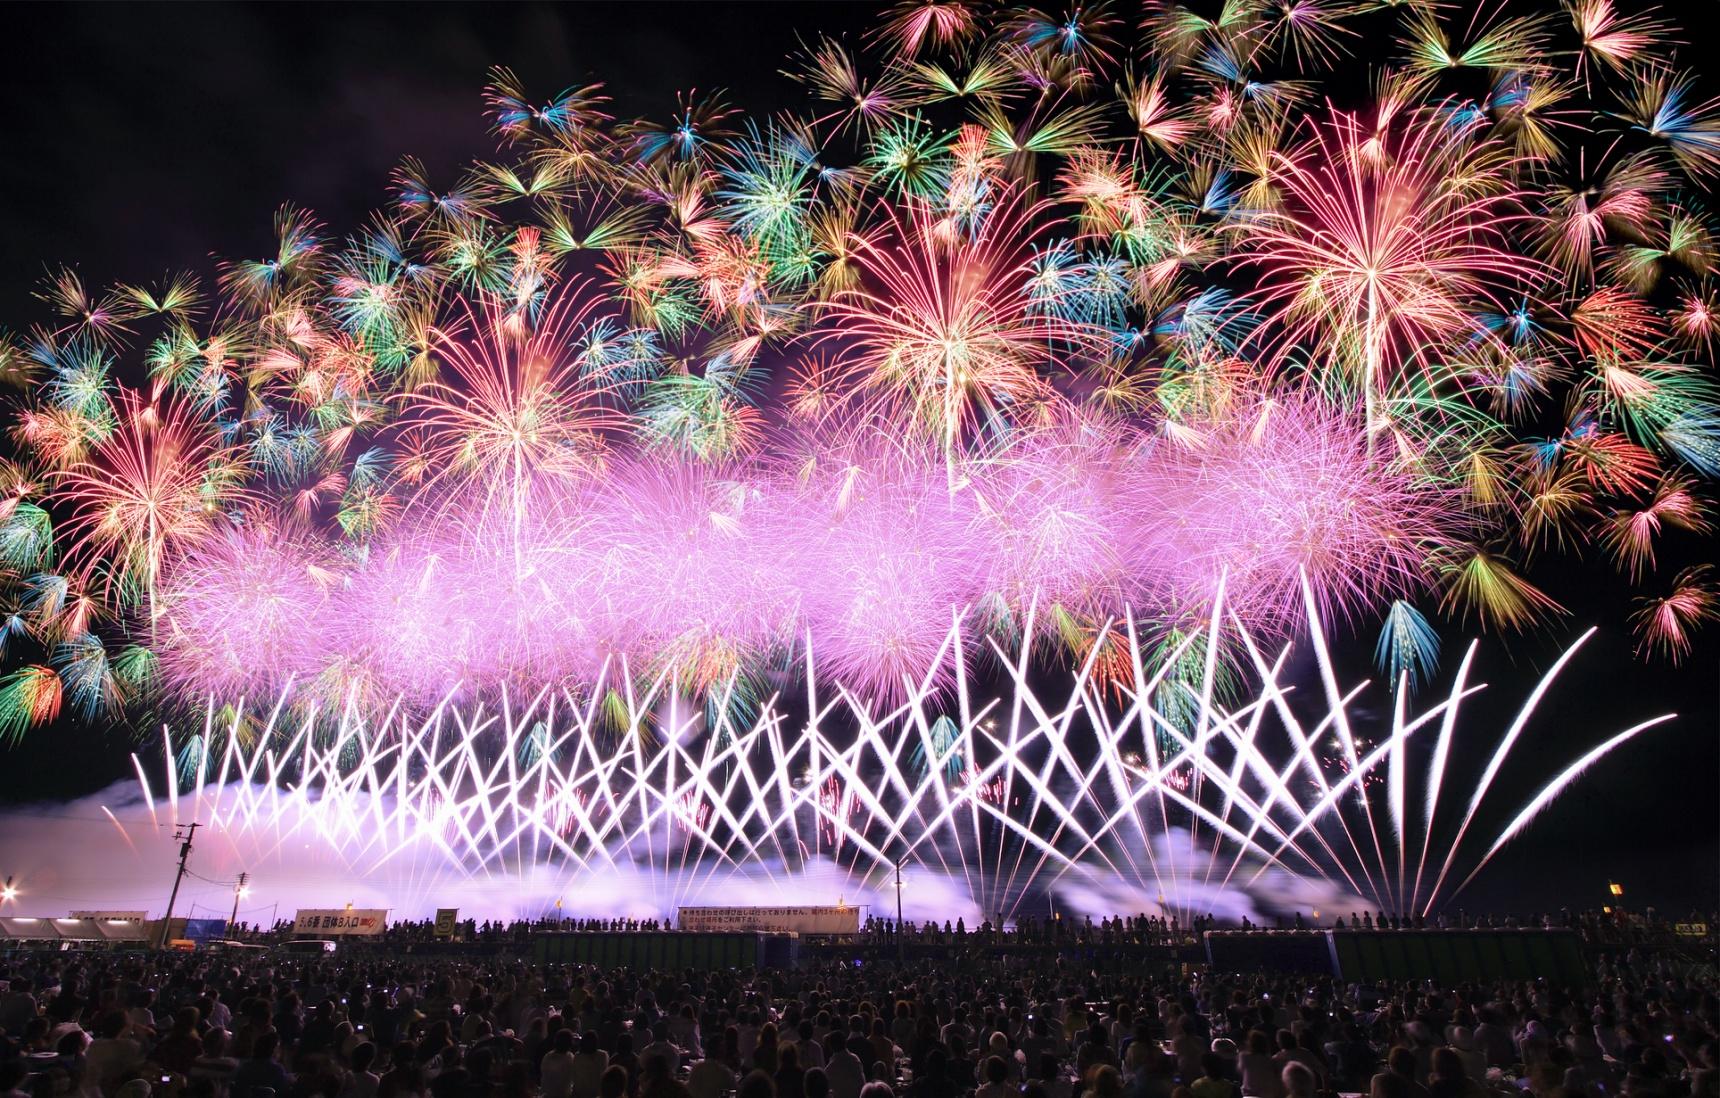 智游人|最棒的夏日回忆!日本大曲市花火大会